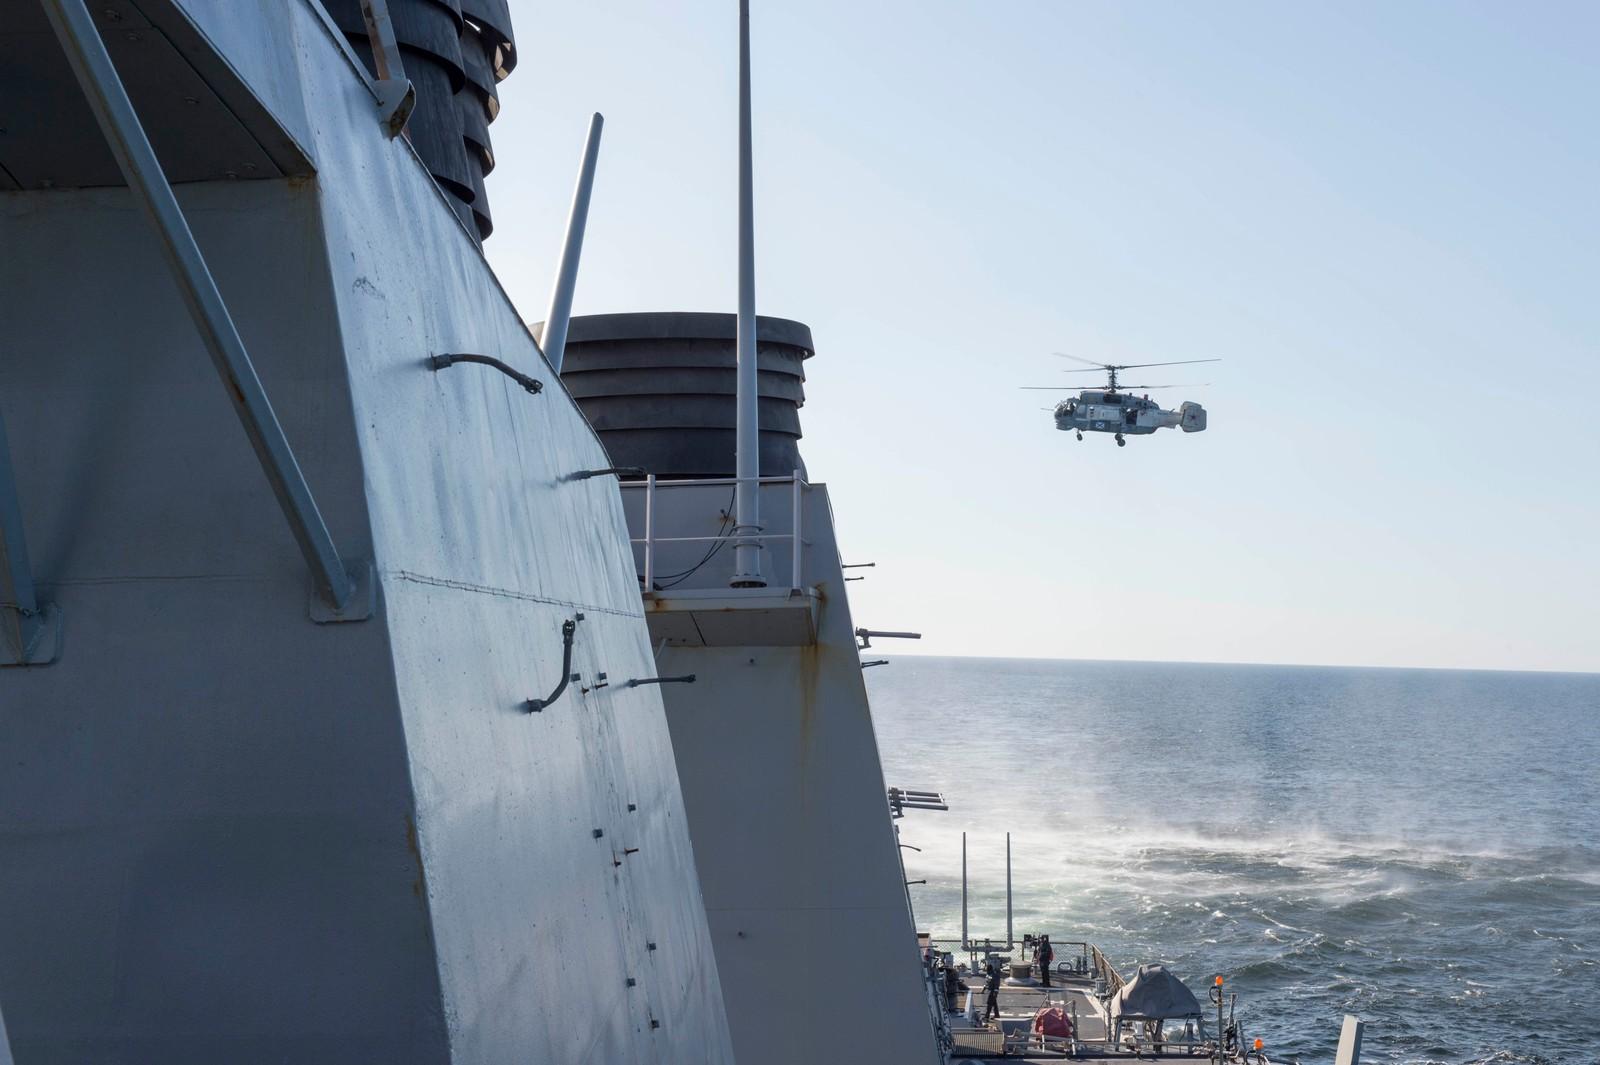 Et russisk helikopter tok også flere bilder av det amerikanske skipet.